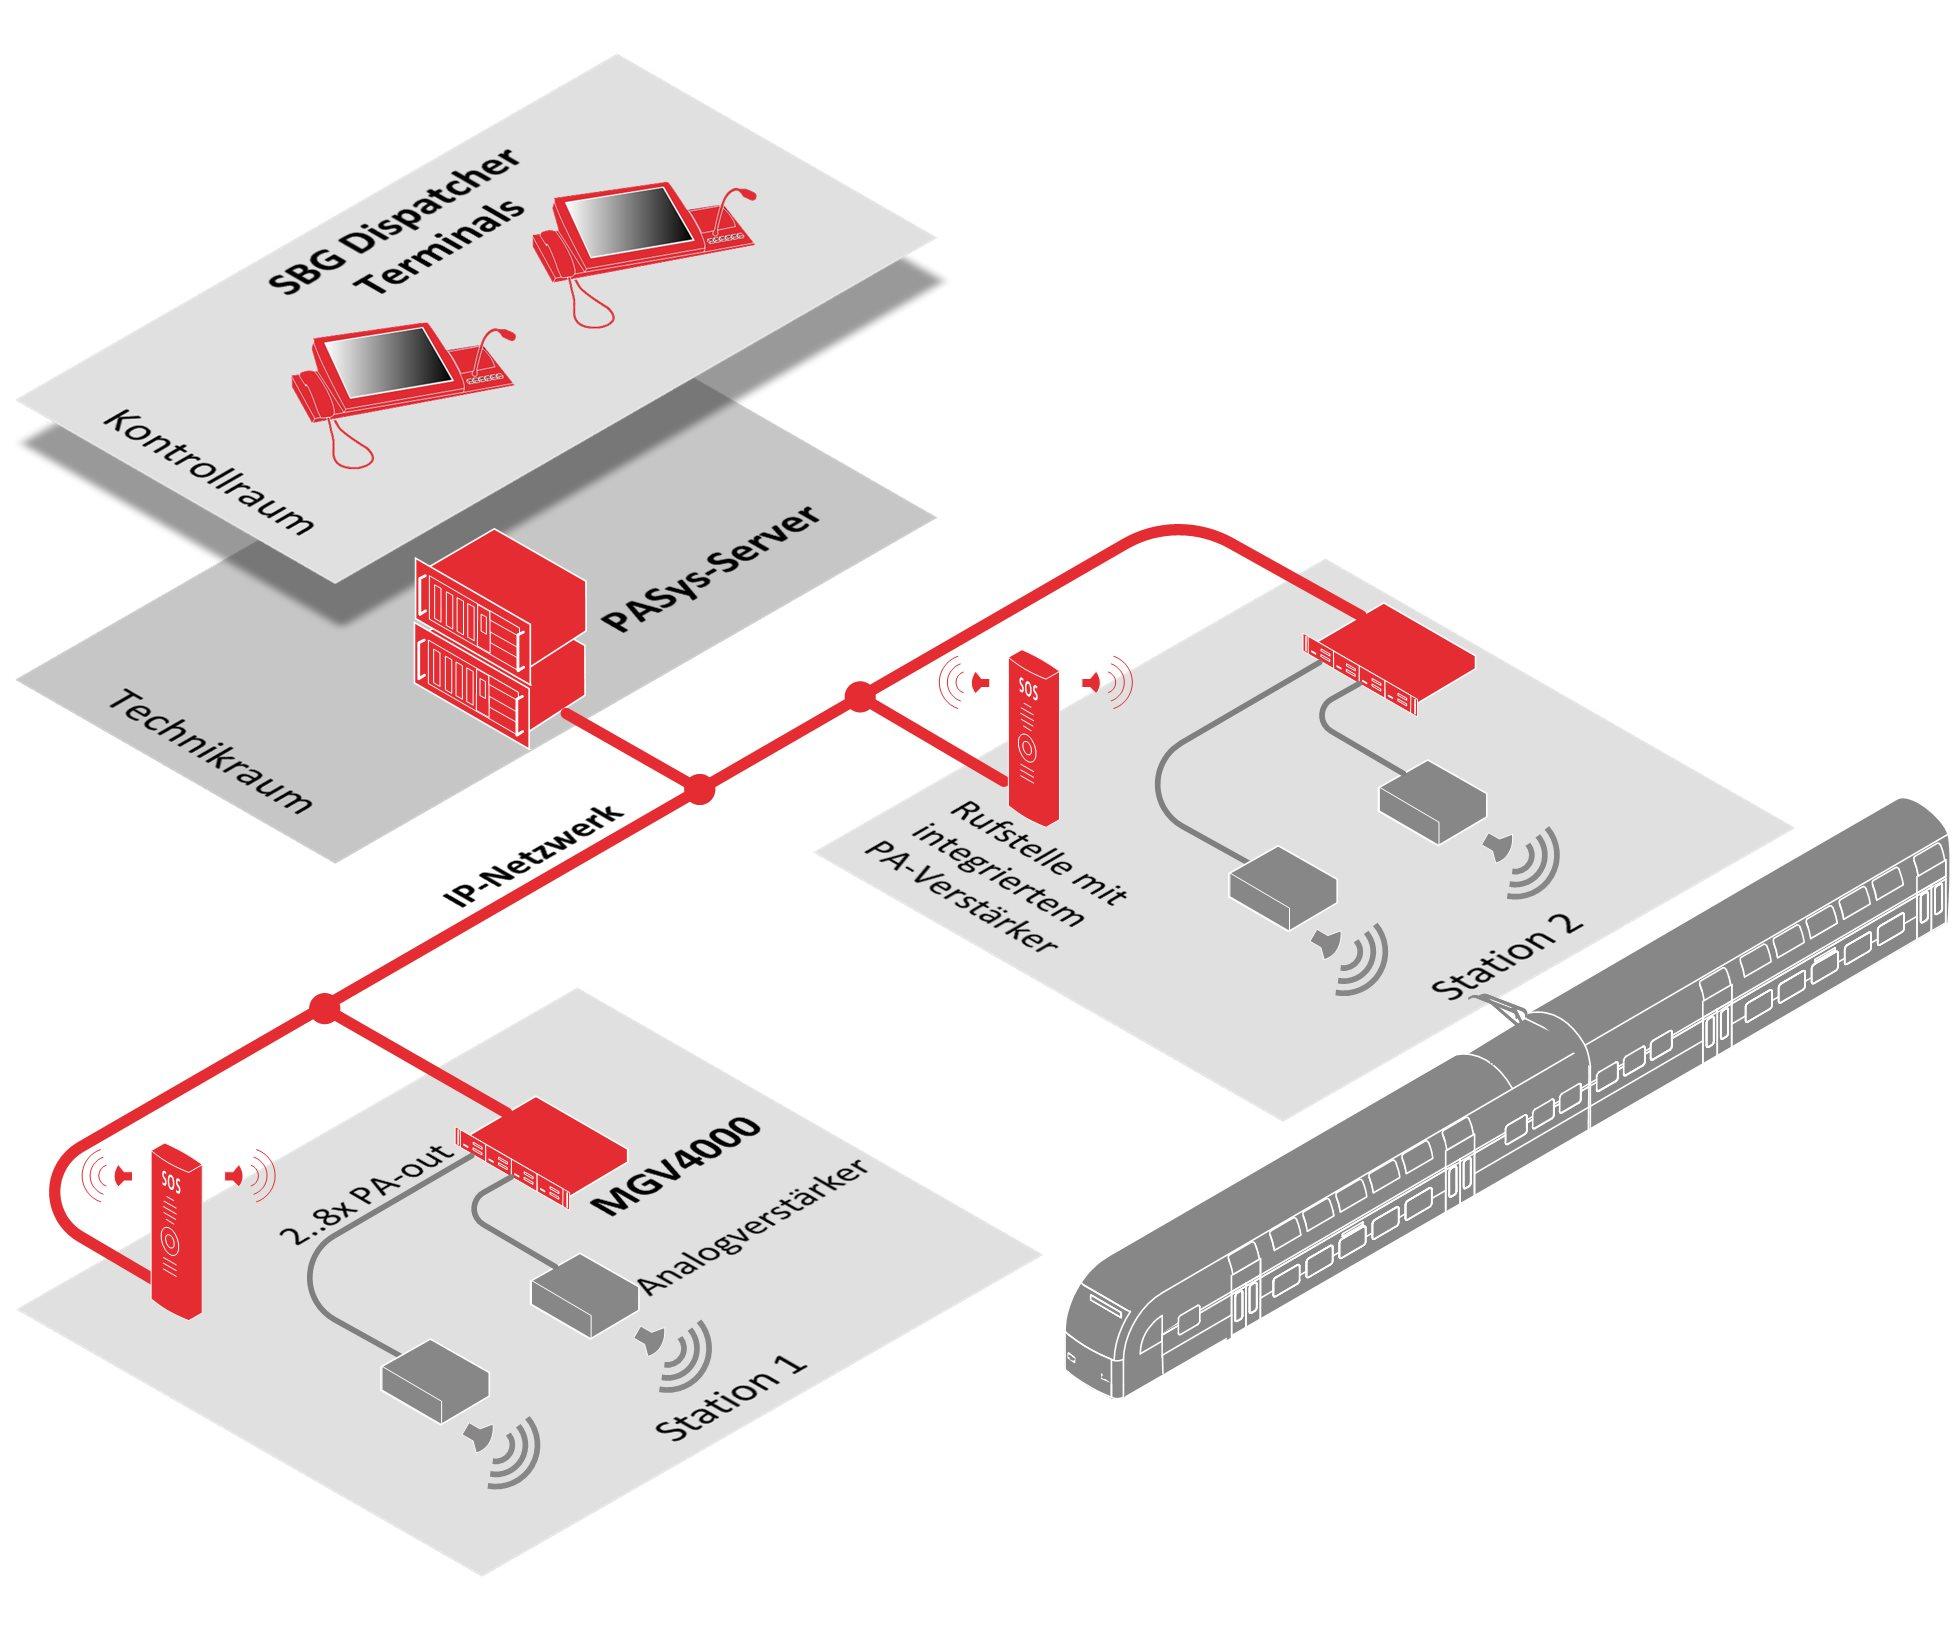 Vernetzung von vorhandener PA-Infrastruktur mittels MGV4000 Gateways des PASys